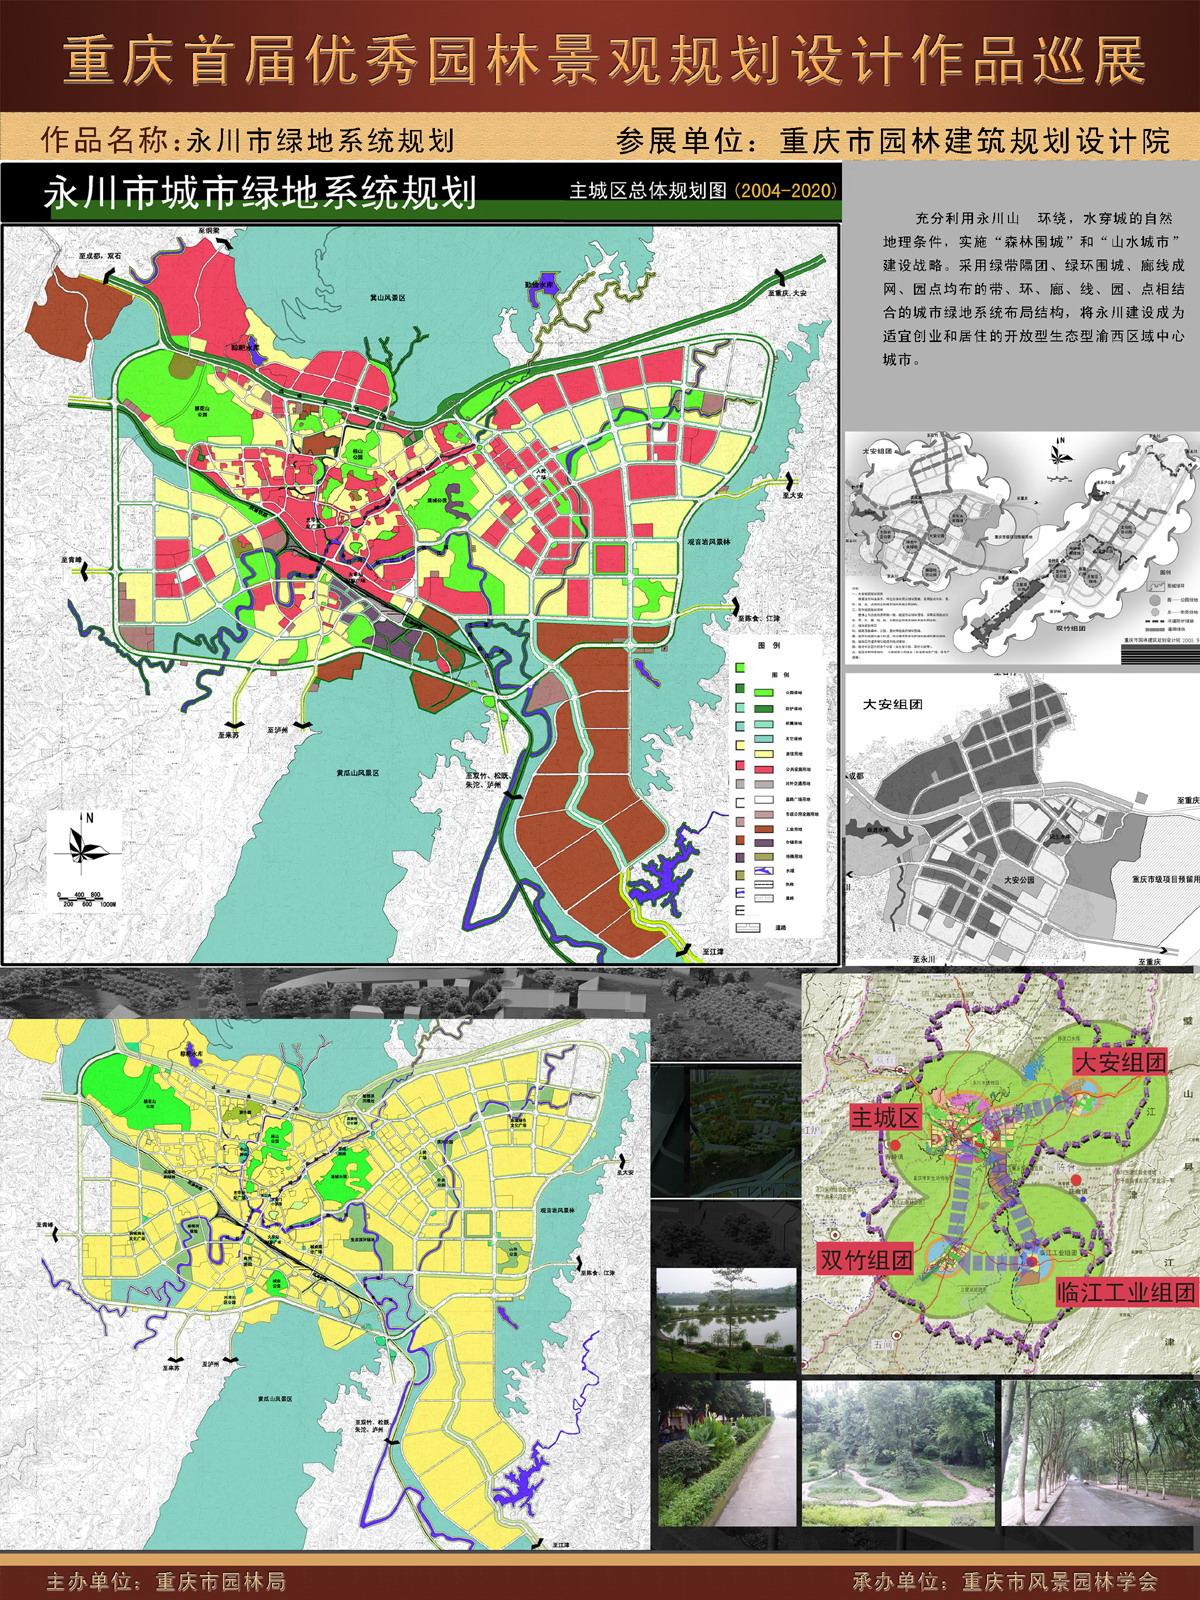 永川市绿地——重庆风景园林网 重庆市风景园林学会